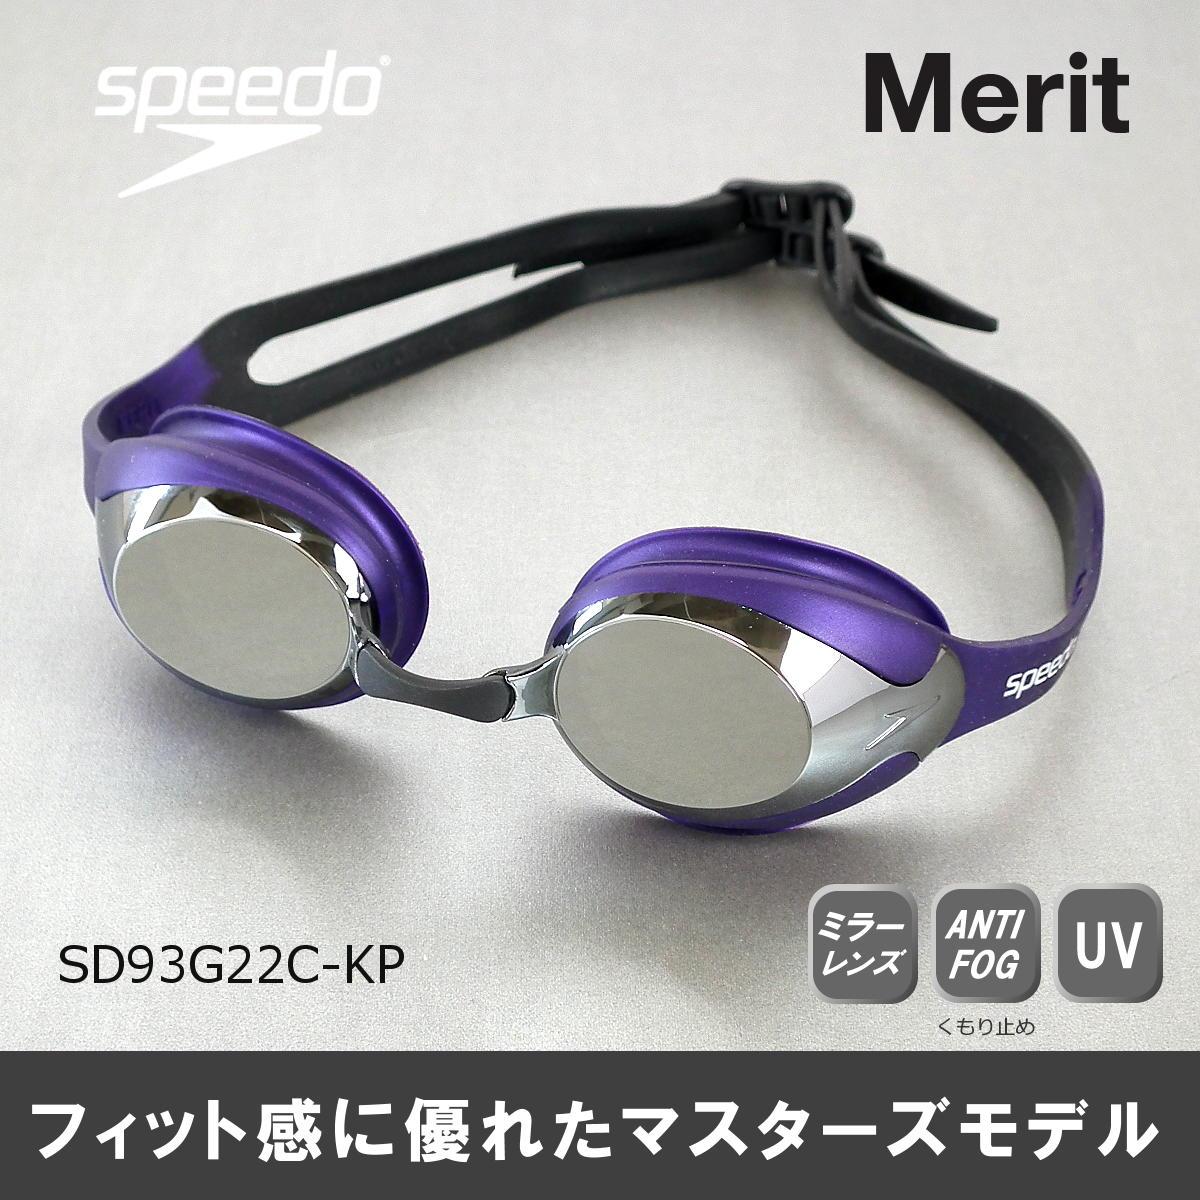 【スイムゴーグル】SPEEDO スピード クッション付き スイミングゴーグル ミラータイプ MERIT メリット 水泳 SD93G22C-KP